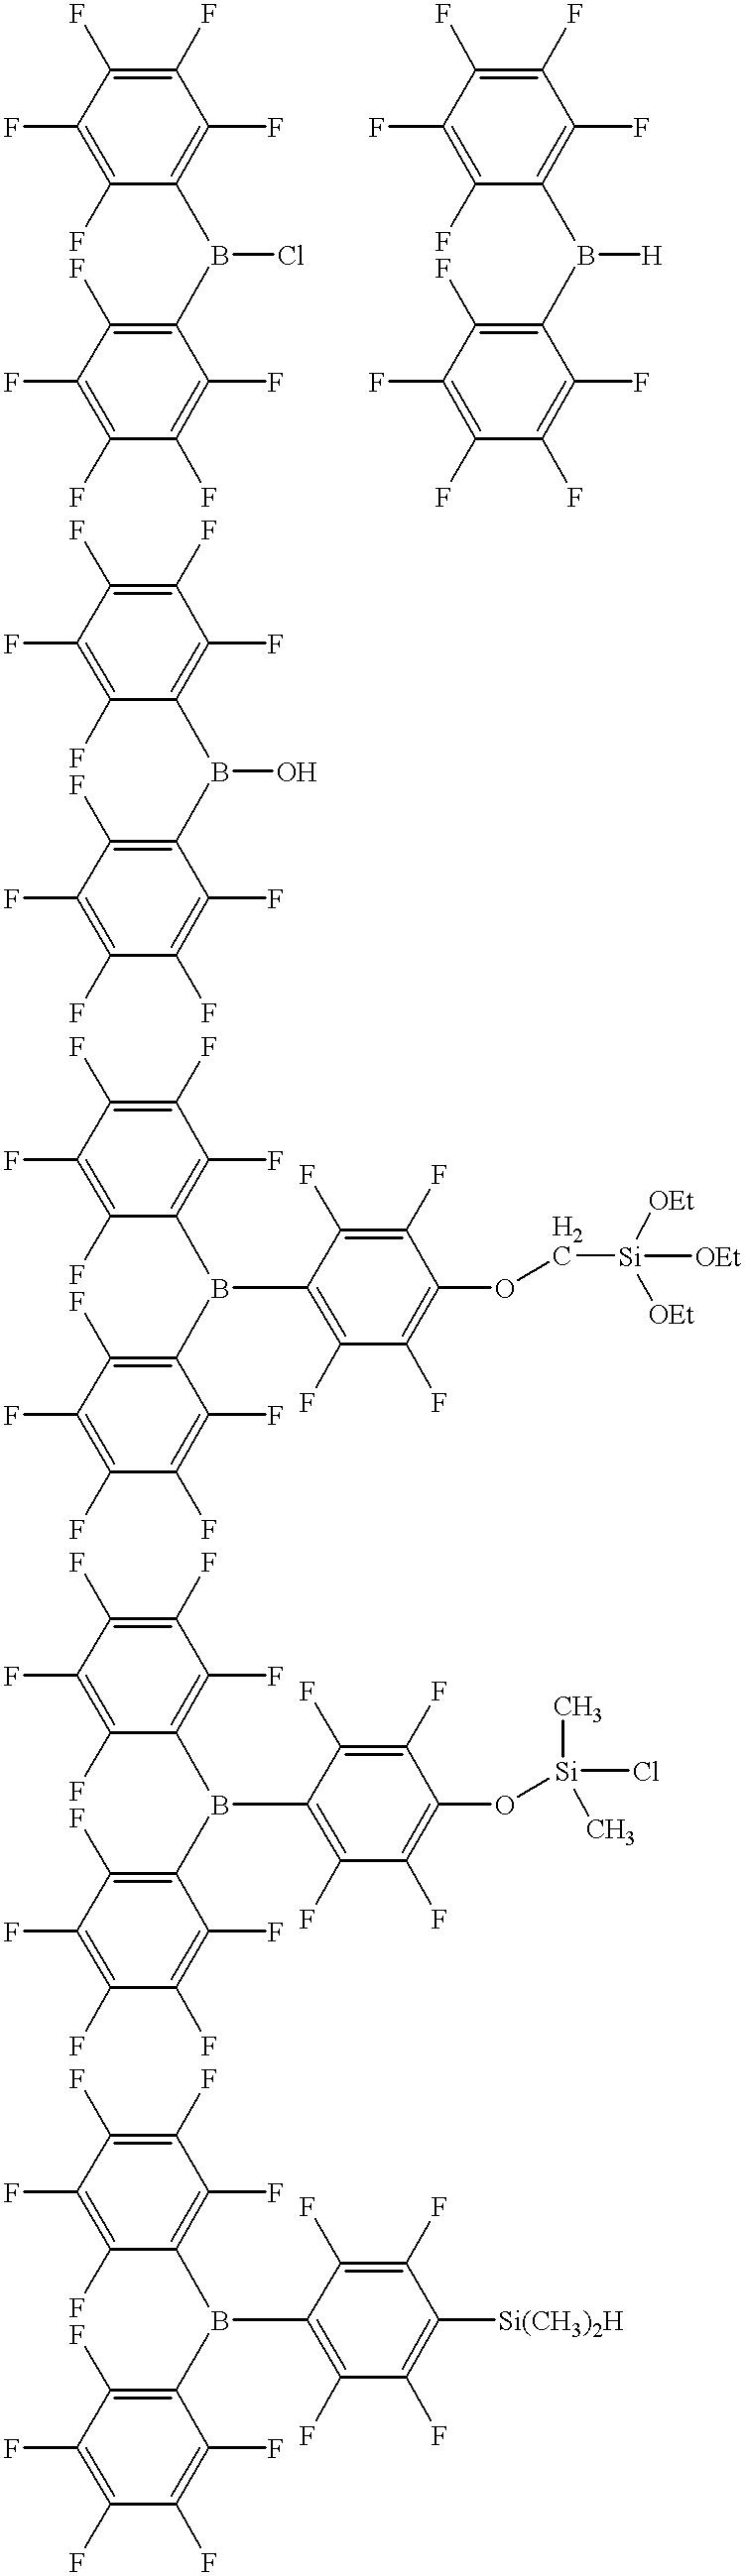 Figure US06329313-20011211-C00006